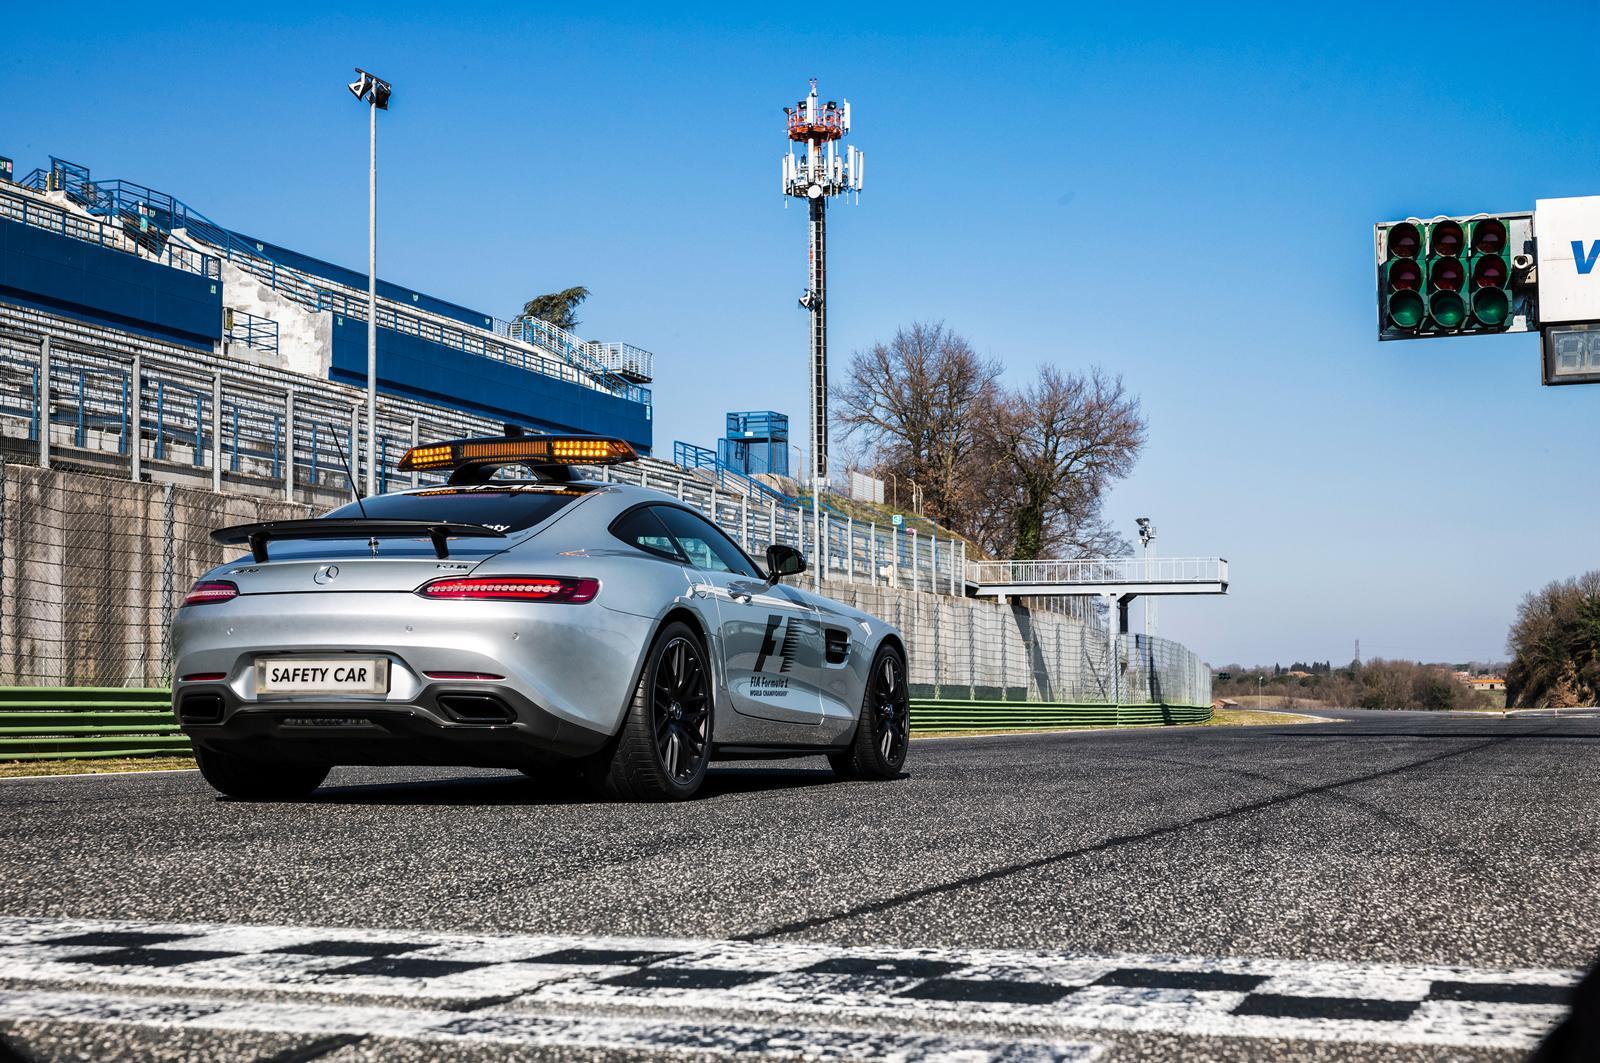 Mercedes-AMG GT S F1 Safety Car